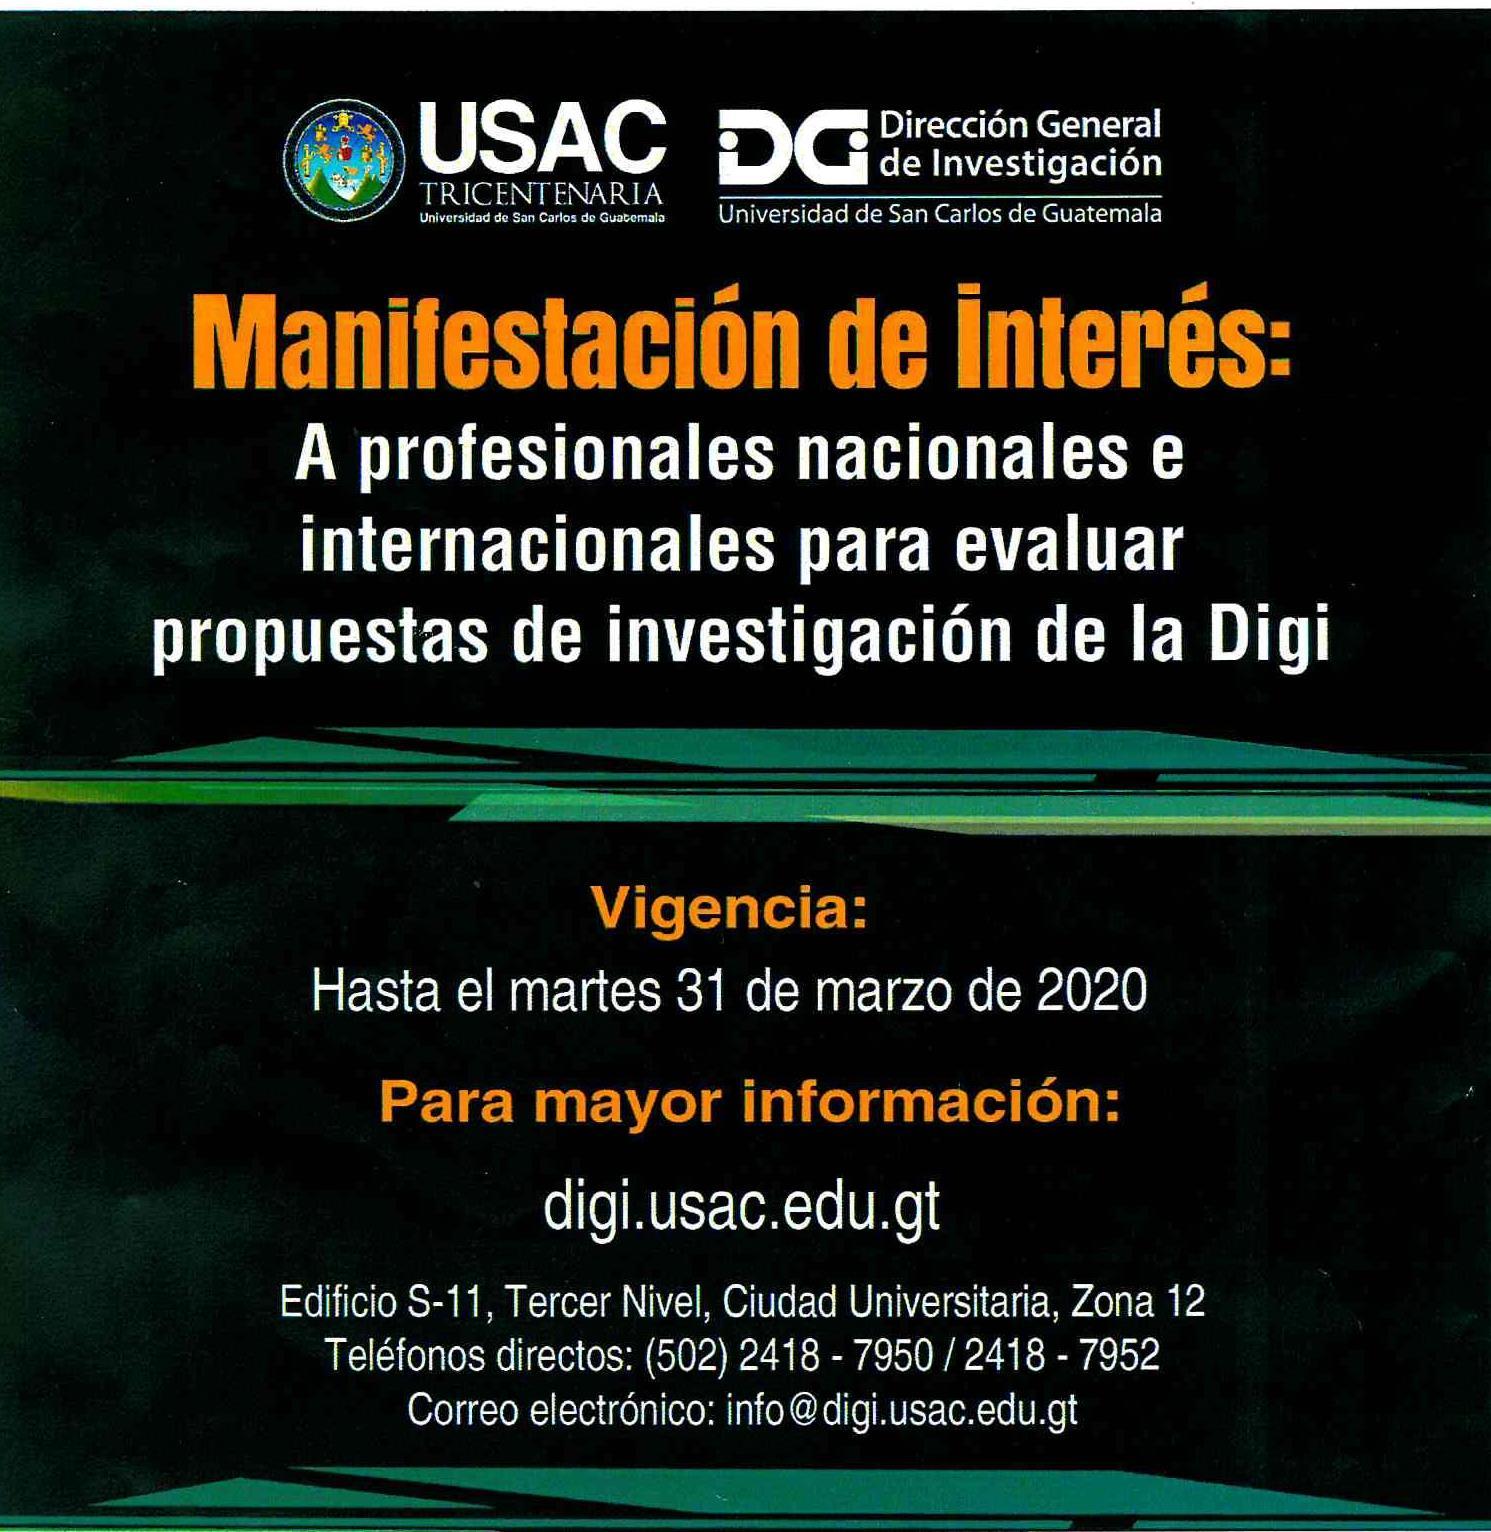 Manifestación de Interés para Investigación de la Digi